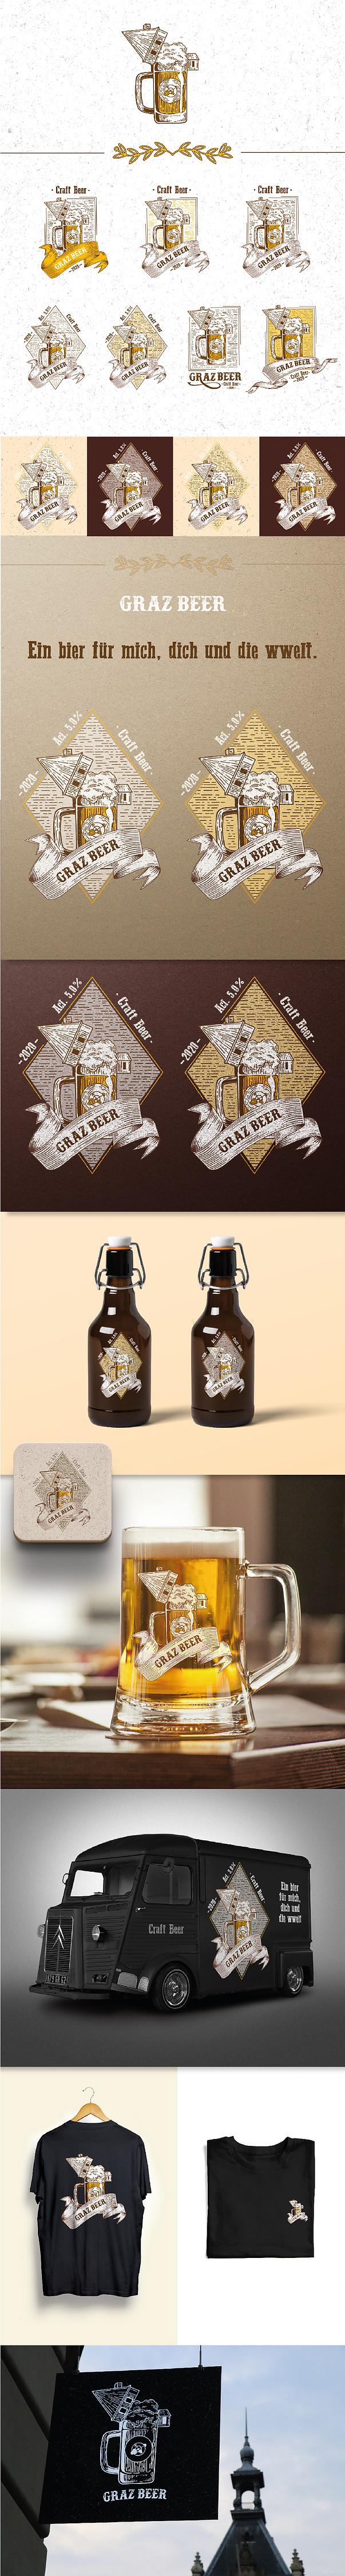 Graz beer .jpg